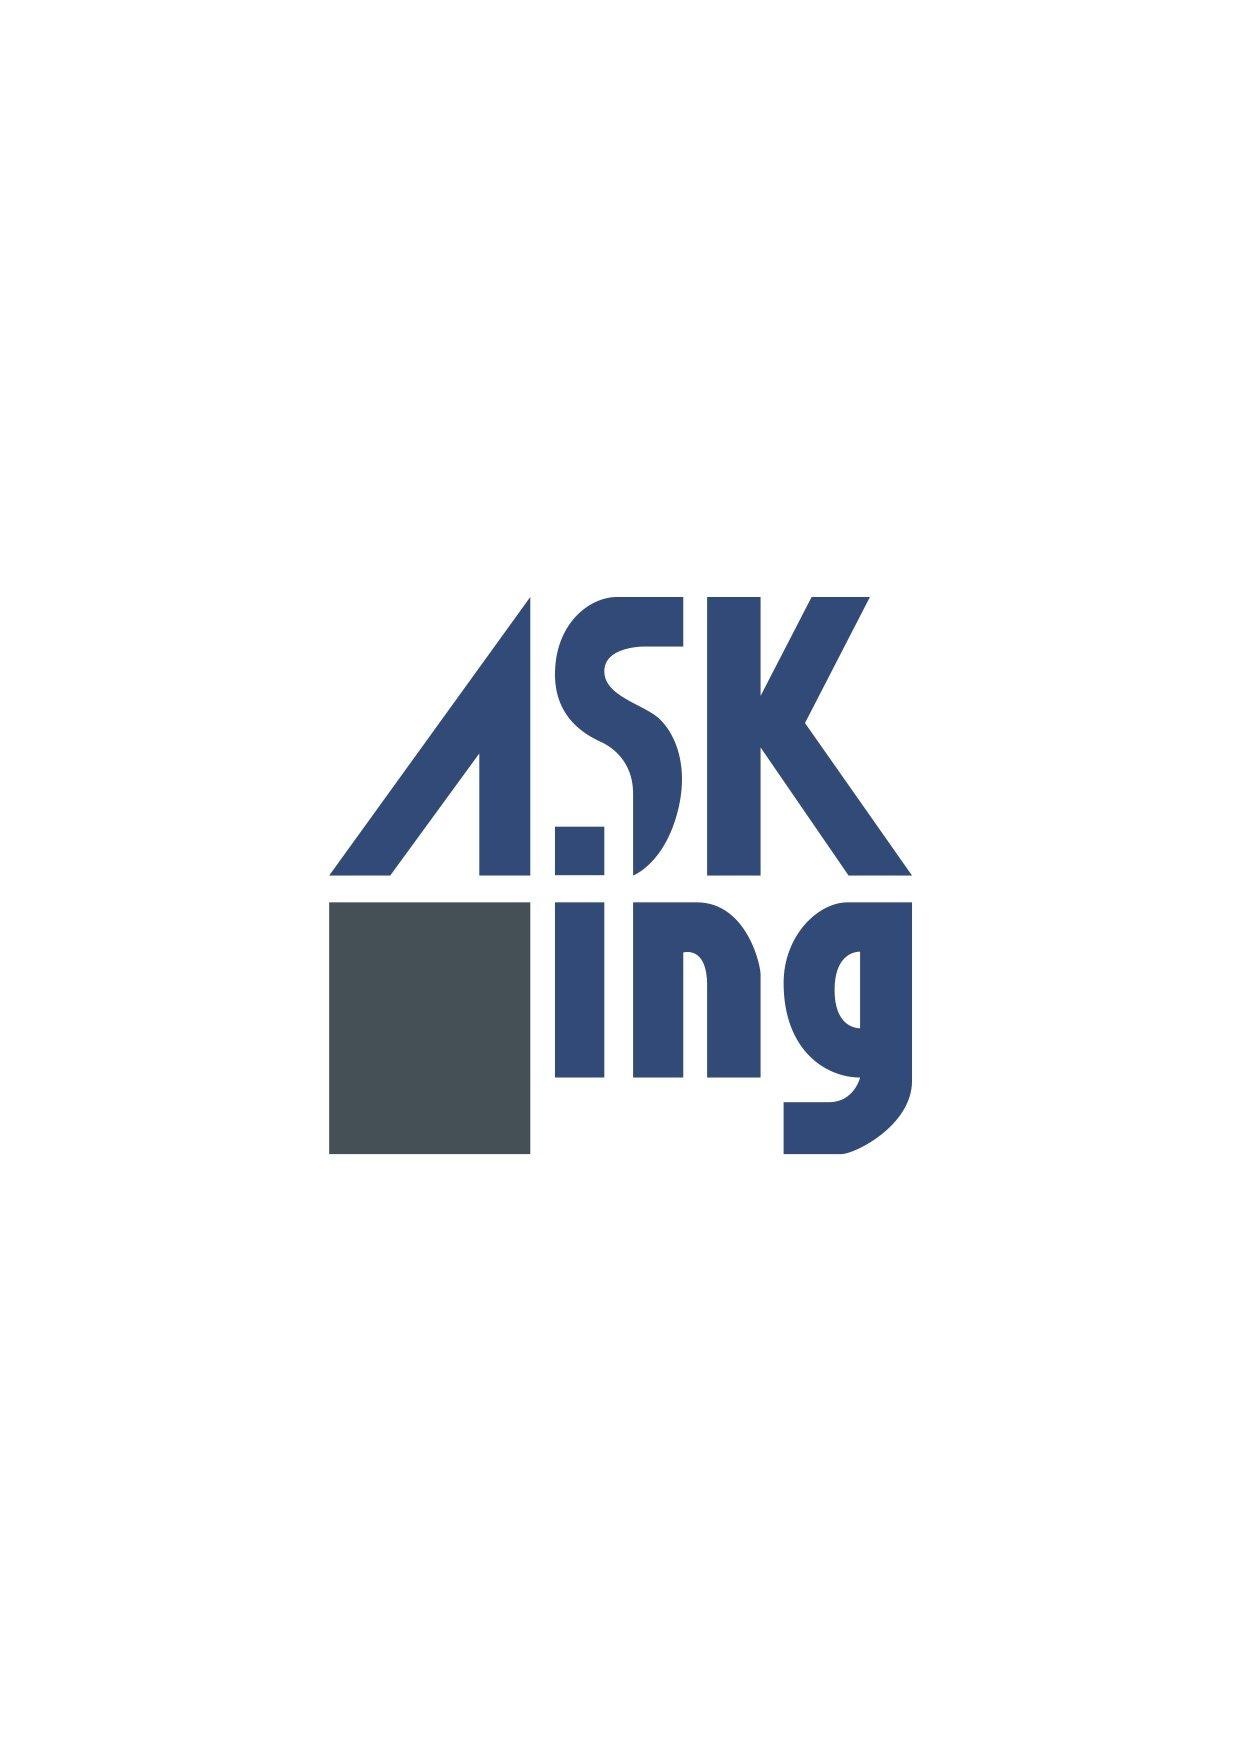 株式会社アスキング